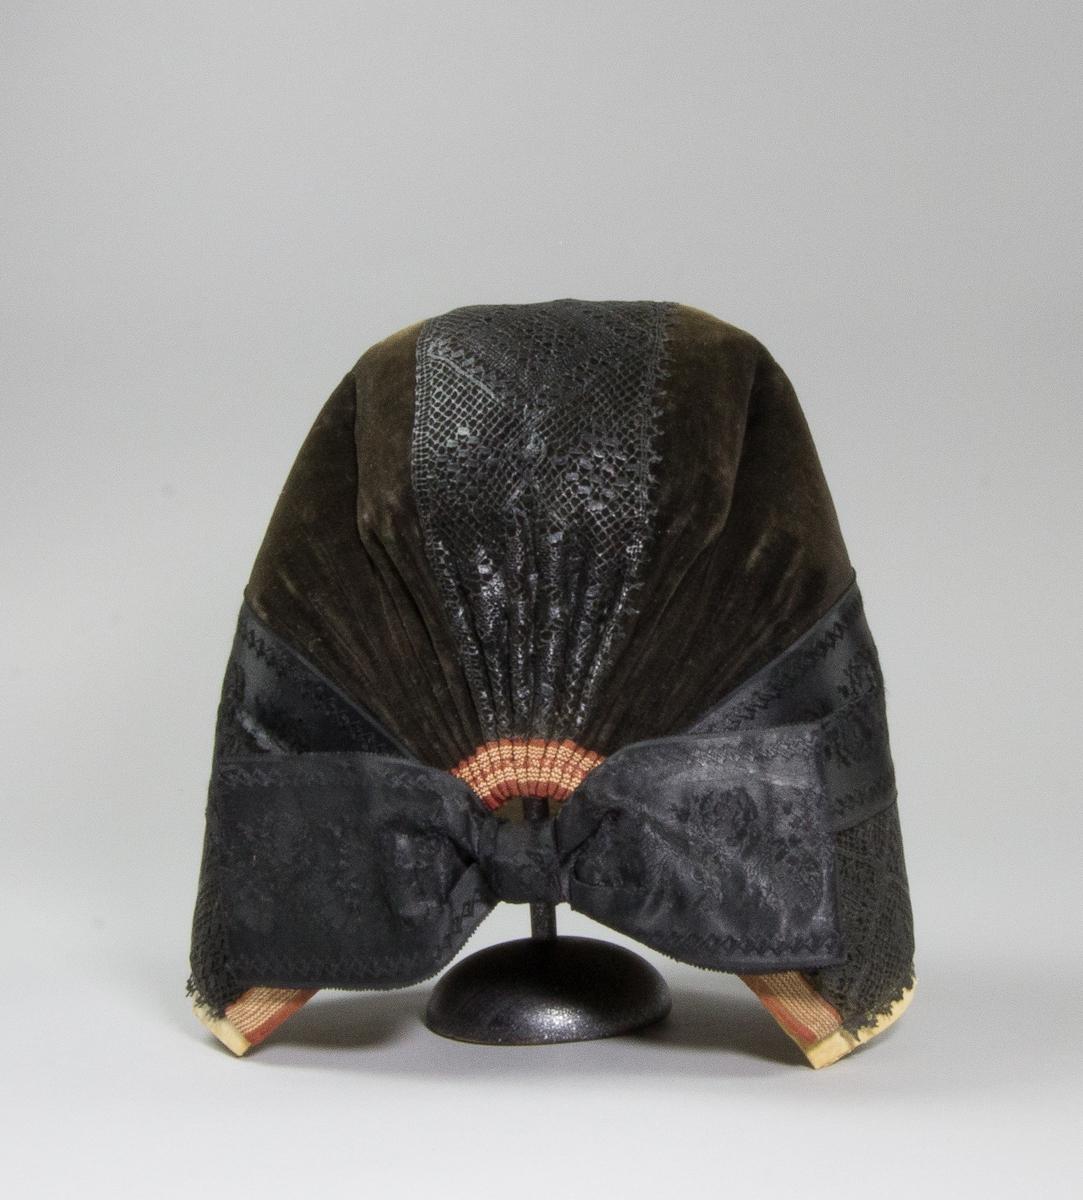 """Bindmössa, """"svarstluvva"""", till högtidsdräkt för gift kvinna från Delsbo socken, Hälsingland. Tillverkad av svart fabriksvävd sammet monterat på en stomme av grovt handvävt och klistrat linnetyg, tuskaft. Längs framkanten samt från pannan bakåt över hjässan till nacken sitter en handknypplad uddspets, 90 mm bred, svartfärgad. Ovanför spetsen sitter ett svart jacquardmönstrat sidenband, 68 mm brett, runt kullen. Denna mössa har också en """"gvitrimpa"""" under framkanten: en fastlimmad remsa dubbelvikt bomullstyg med en smal uddspets, 5 mm, synlig längst ut. Samma siden band till rosett i nacken. Sammetens stadkant, vävd randig av silke i rött och gult, har utnyttjats till dekorativ nederkant på mössan. Tio veck på var sida i nacken."""